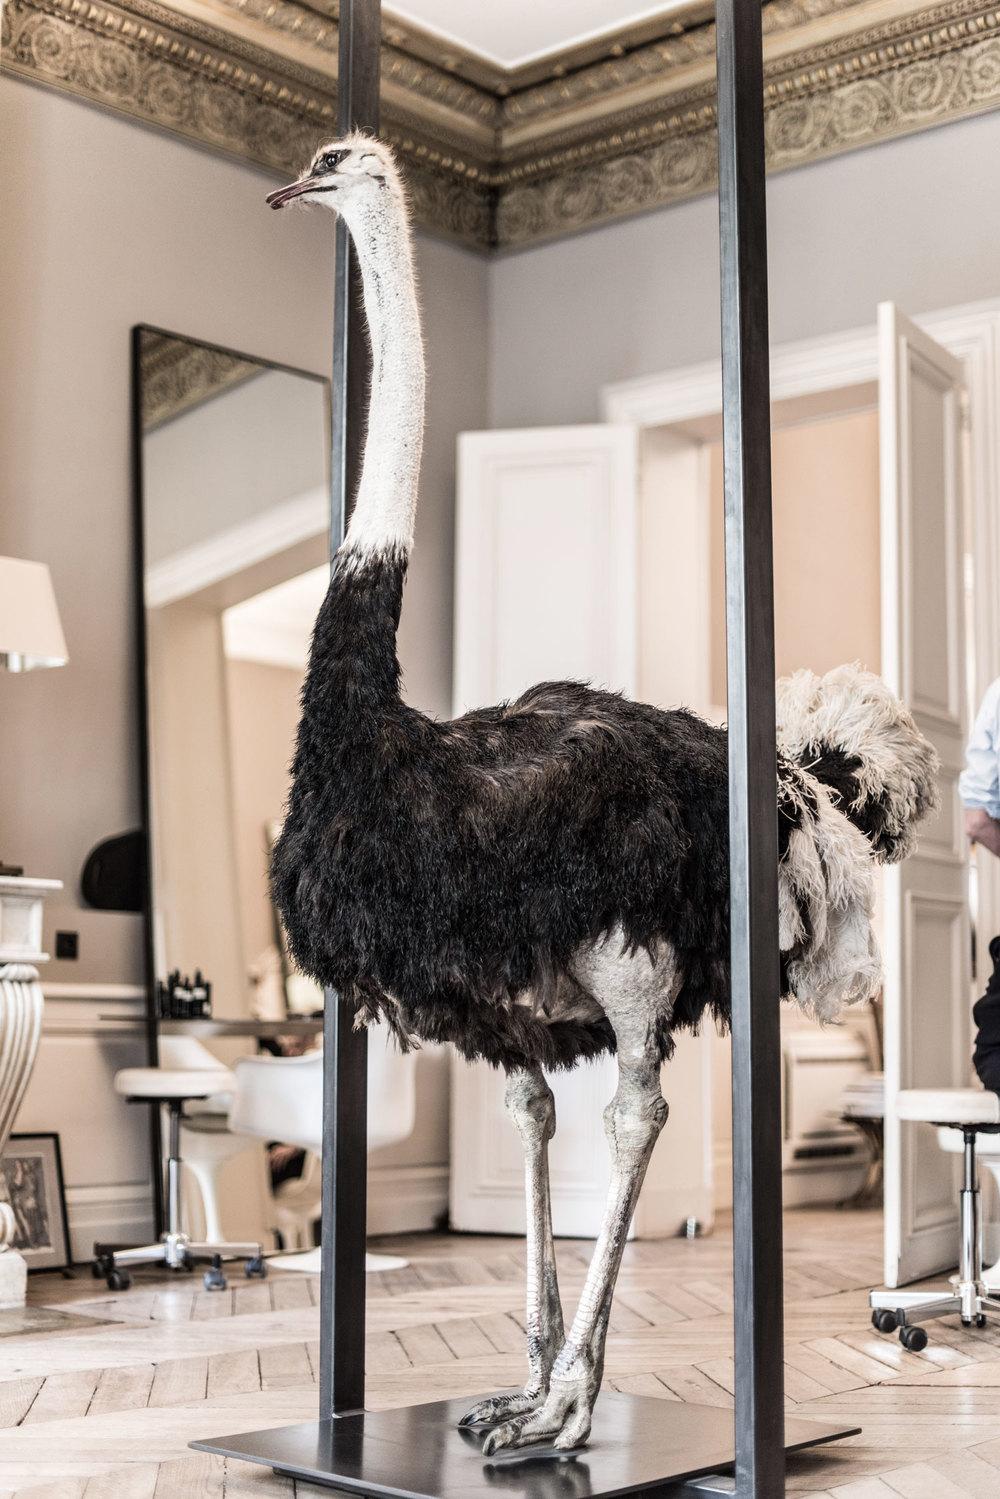 Ostrich at David Mallett salon